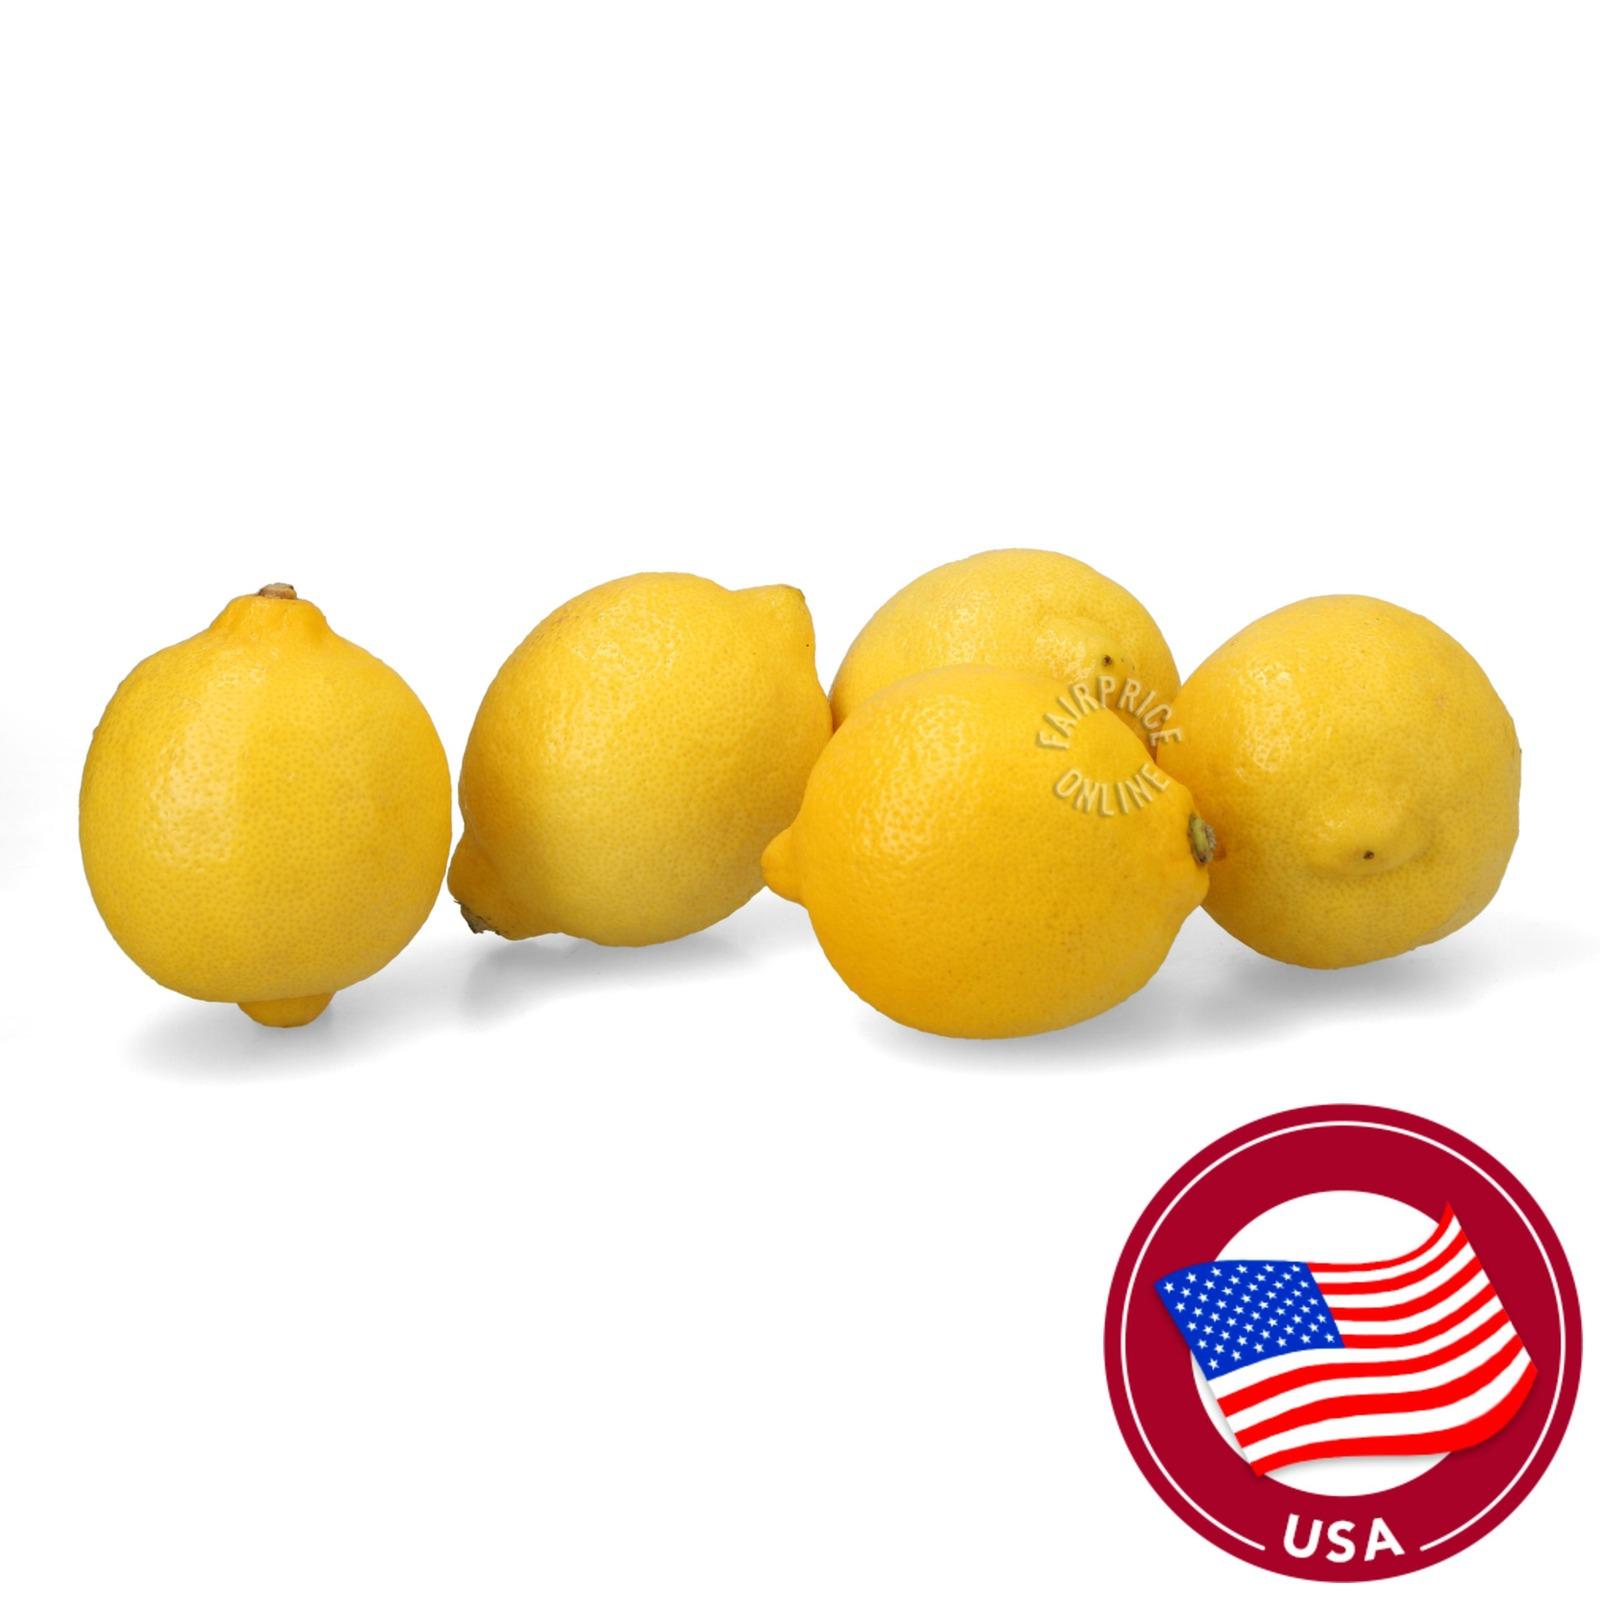 Sunkist USA Lemon